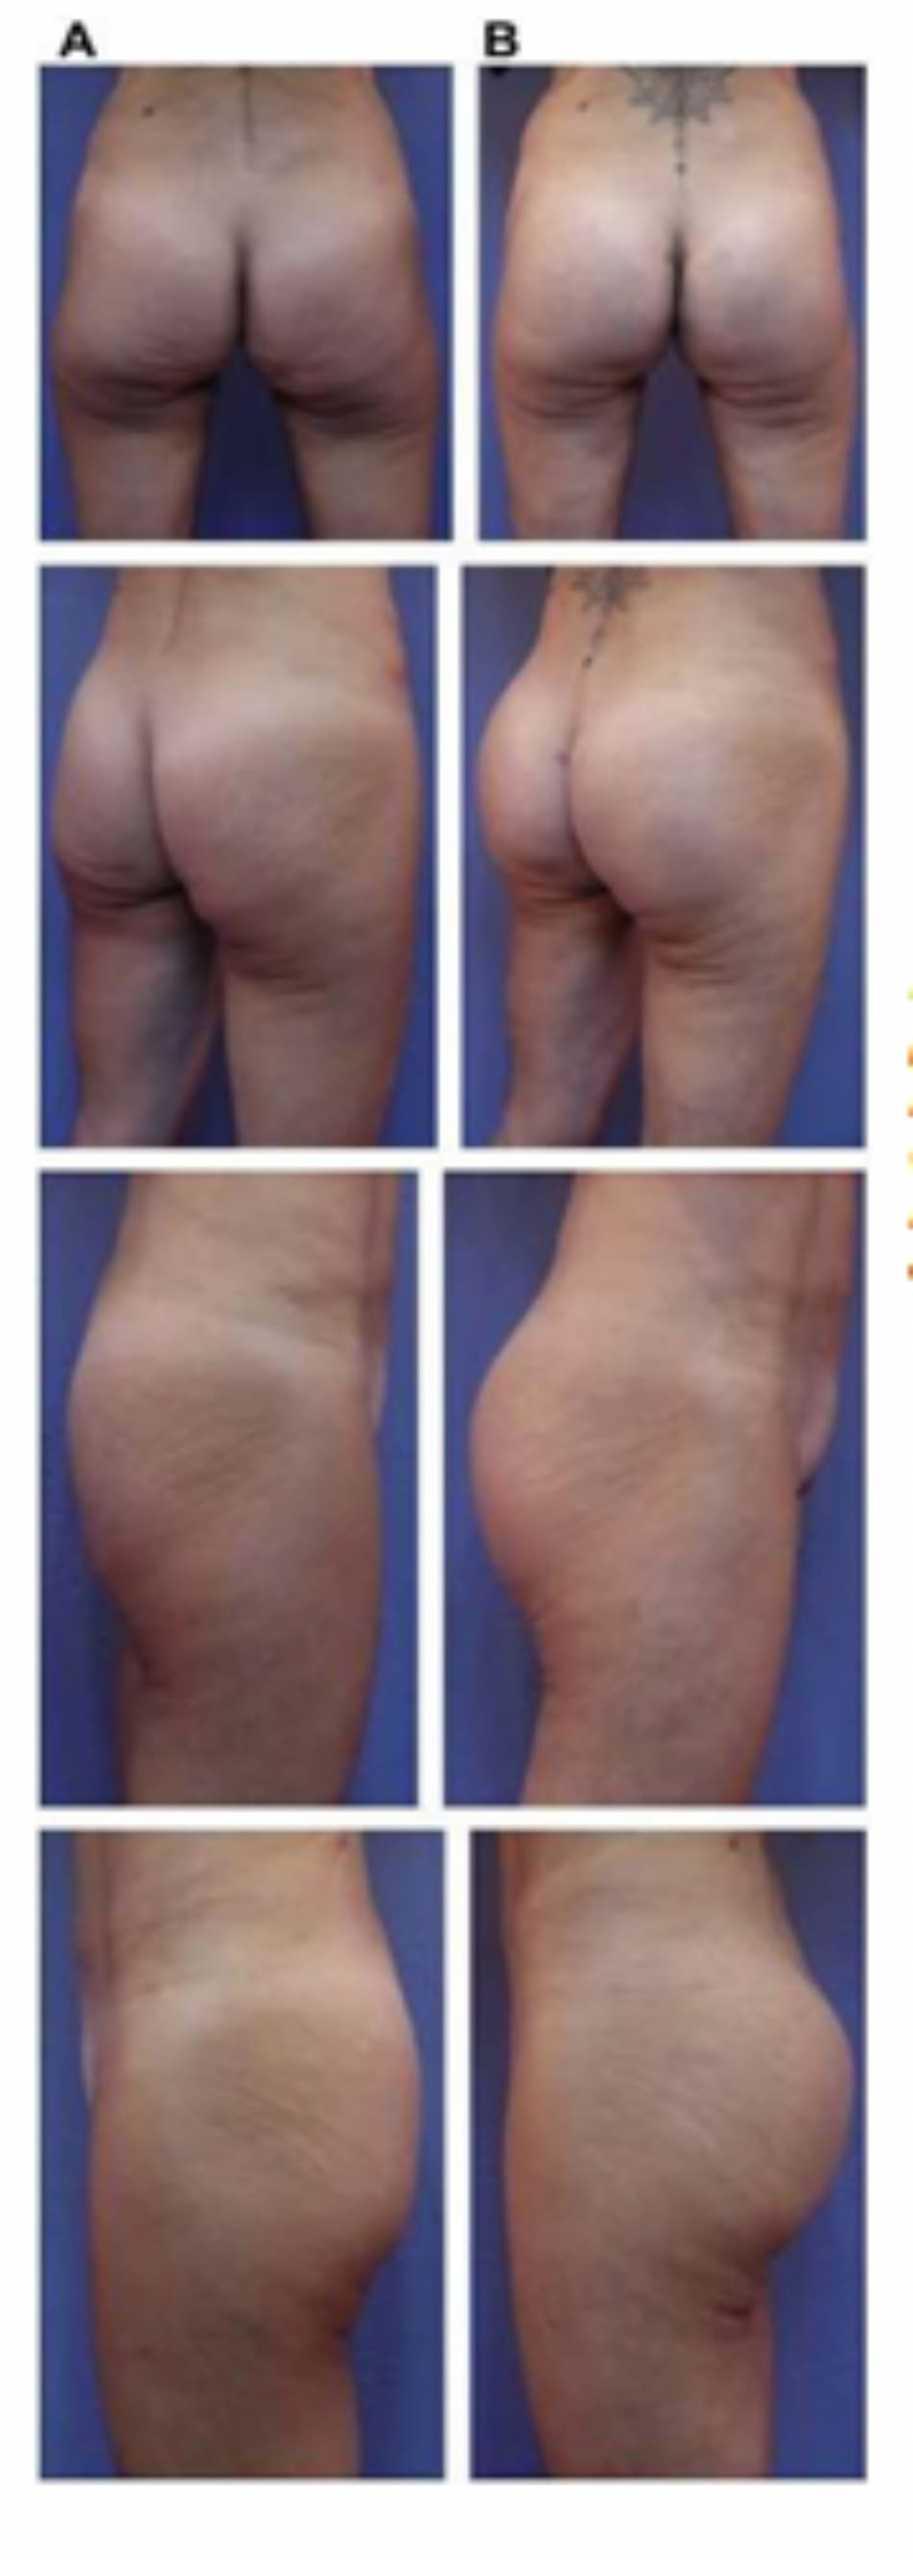 Hình. 19. . (A) Hình anh trước và (B) và sau phẫu thuật làm đầy mông của bệnh nhân chùng da vùng mông tương đối nhiều. Bệnh nhân được đặt khối implant dưới cân thể tích 330 mL ở hai bên.